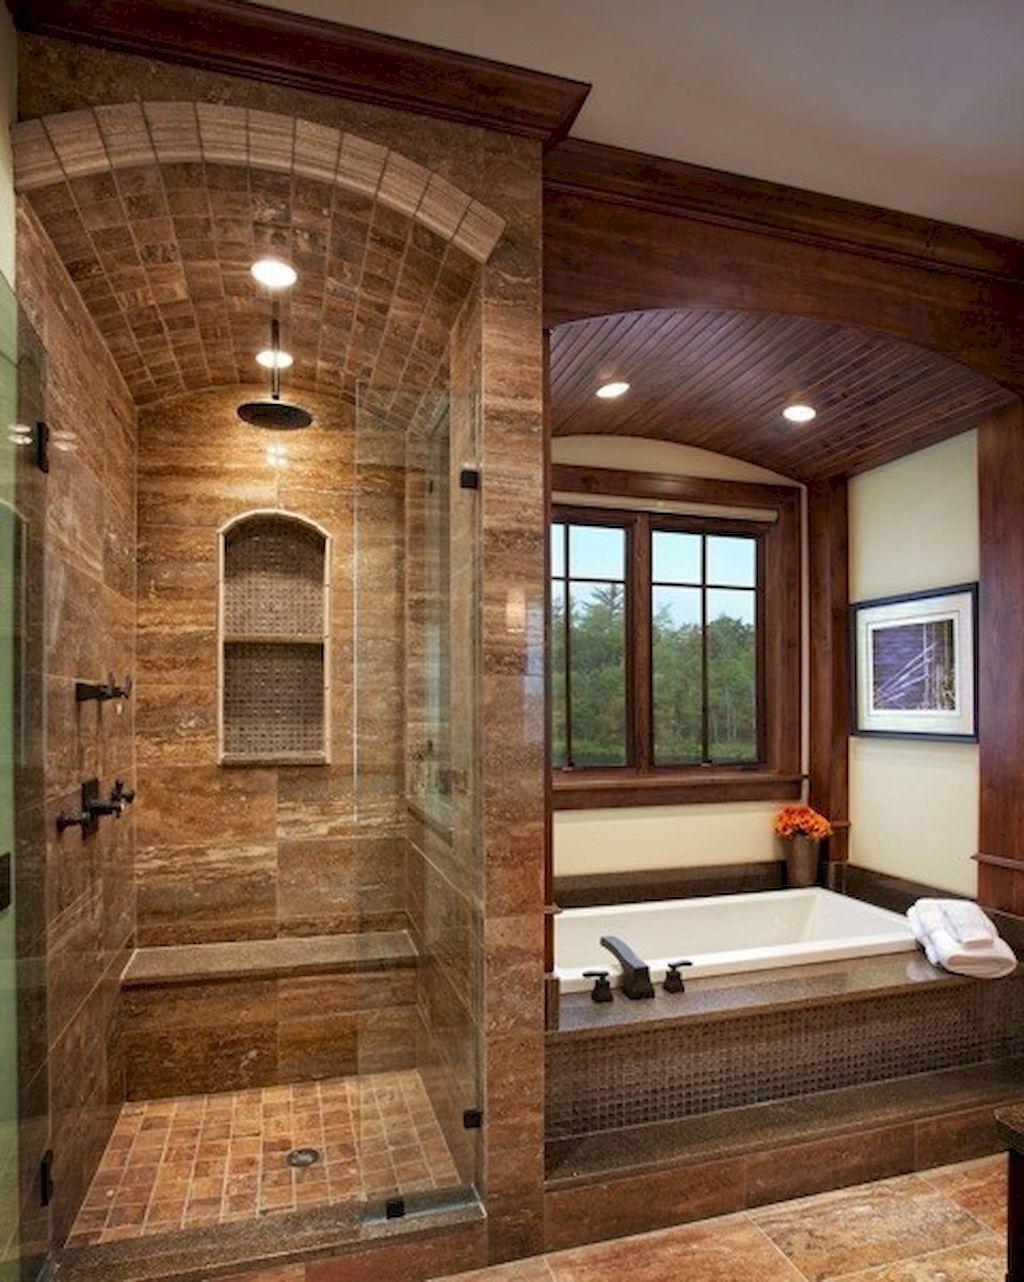 beautiful master bathroom remodel ideas 80 homes on bathroom renovation ideas id=44317